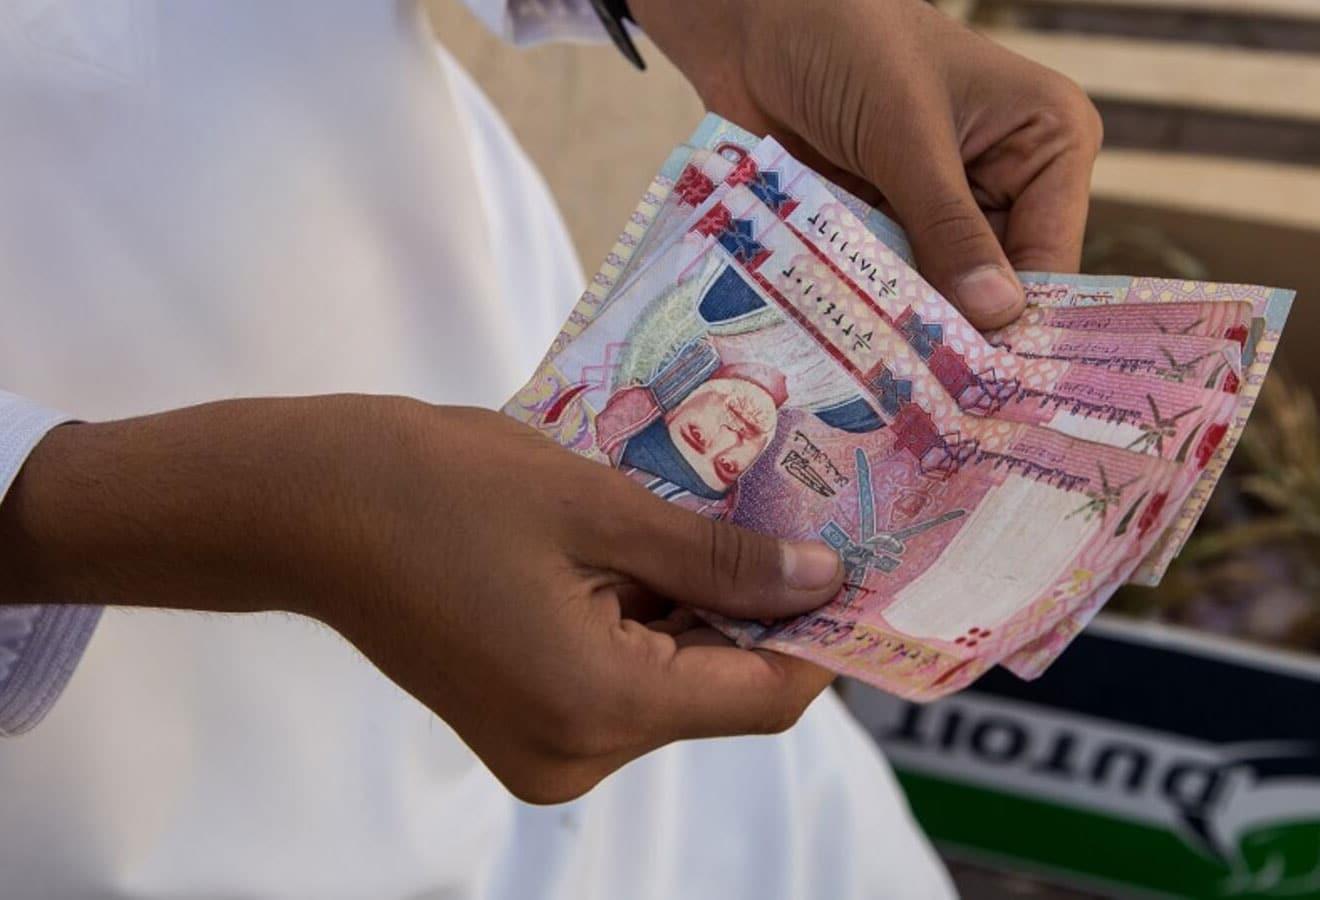 سلطنة عمان تجني ثمار الإصلاحات وتسدد جزء من ديونها في أول 7 أشهر من العام الجاري